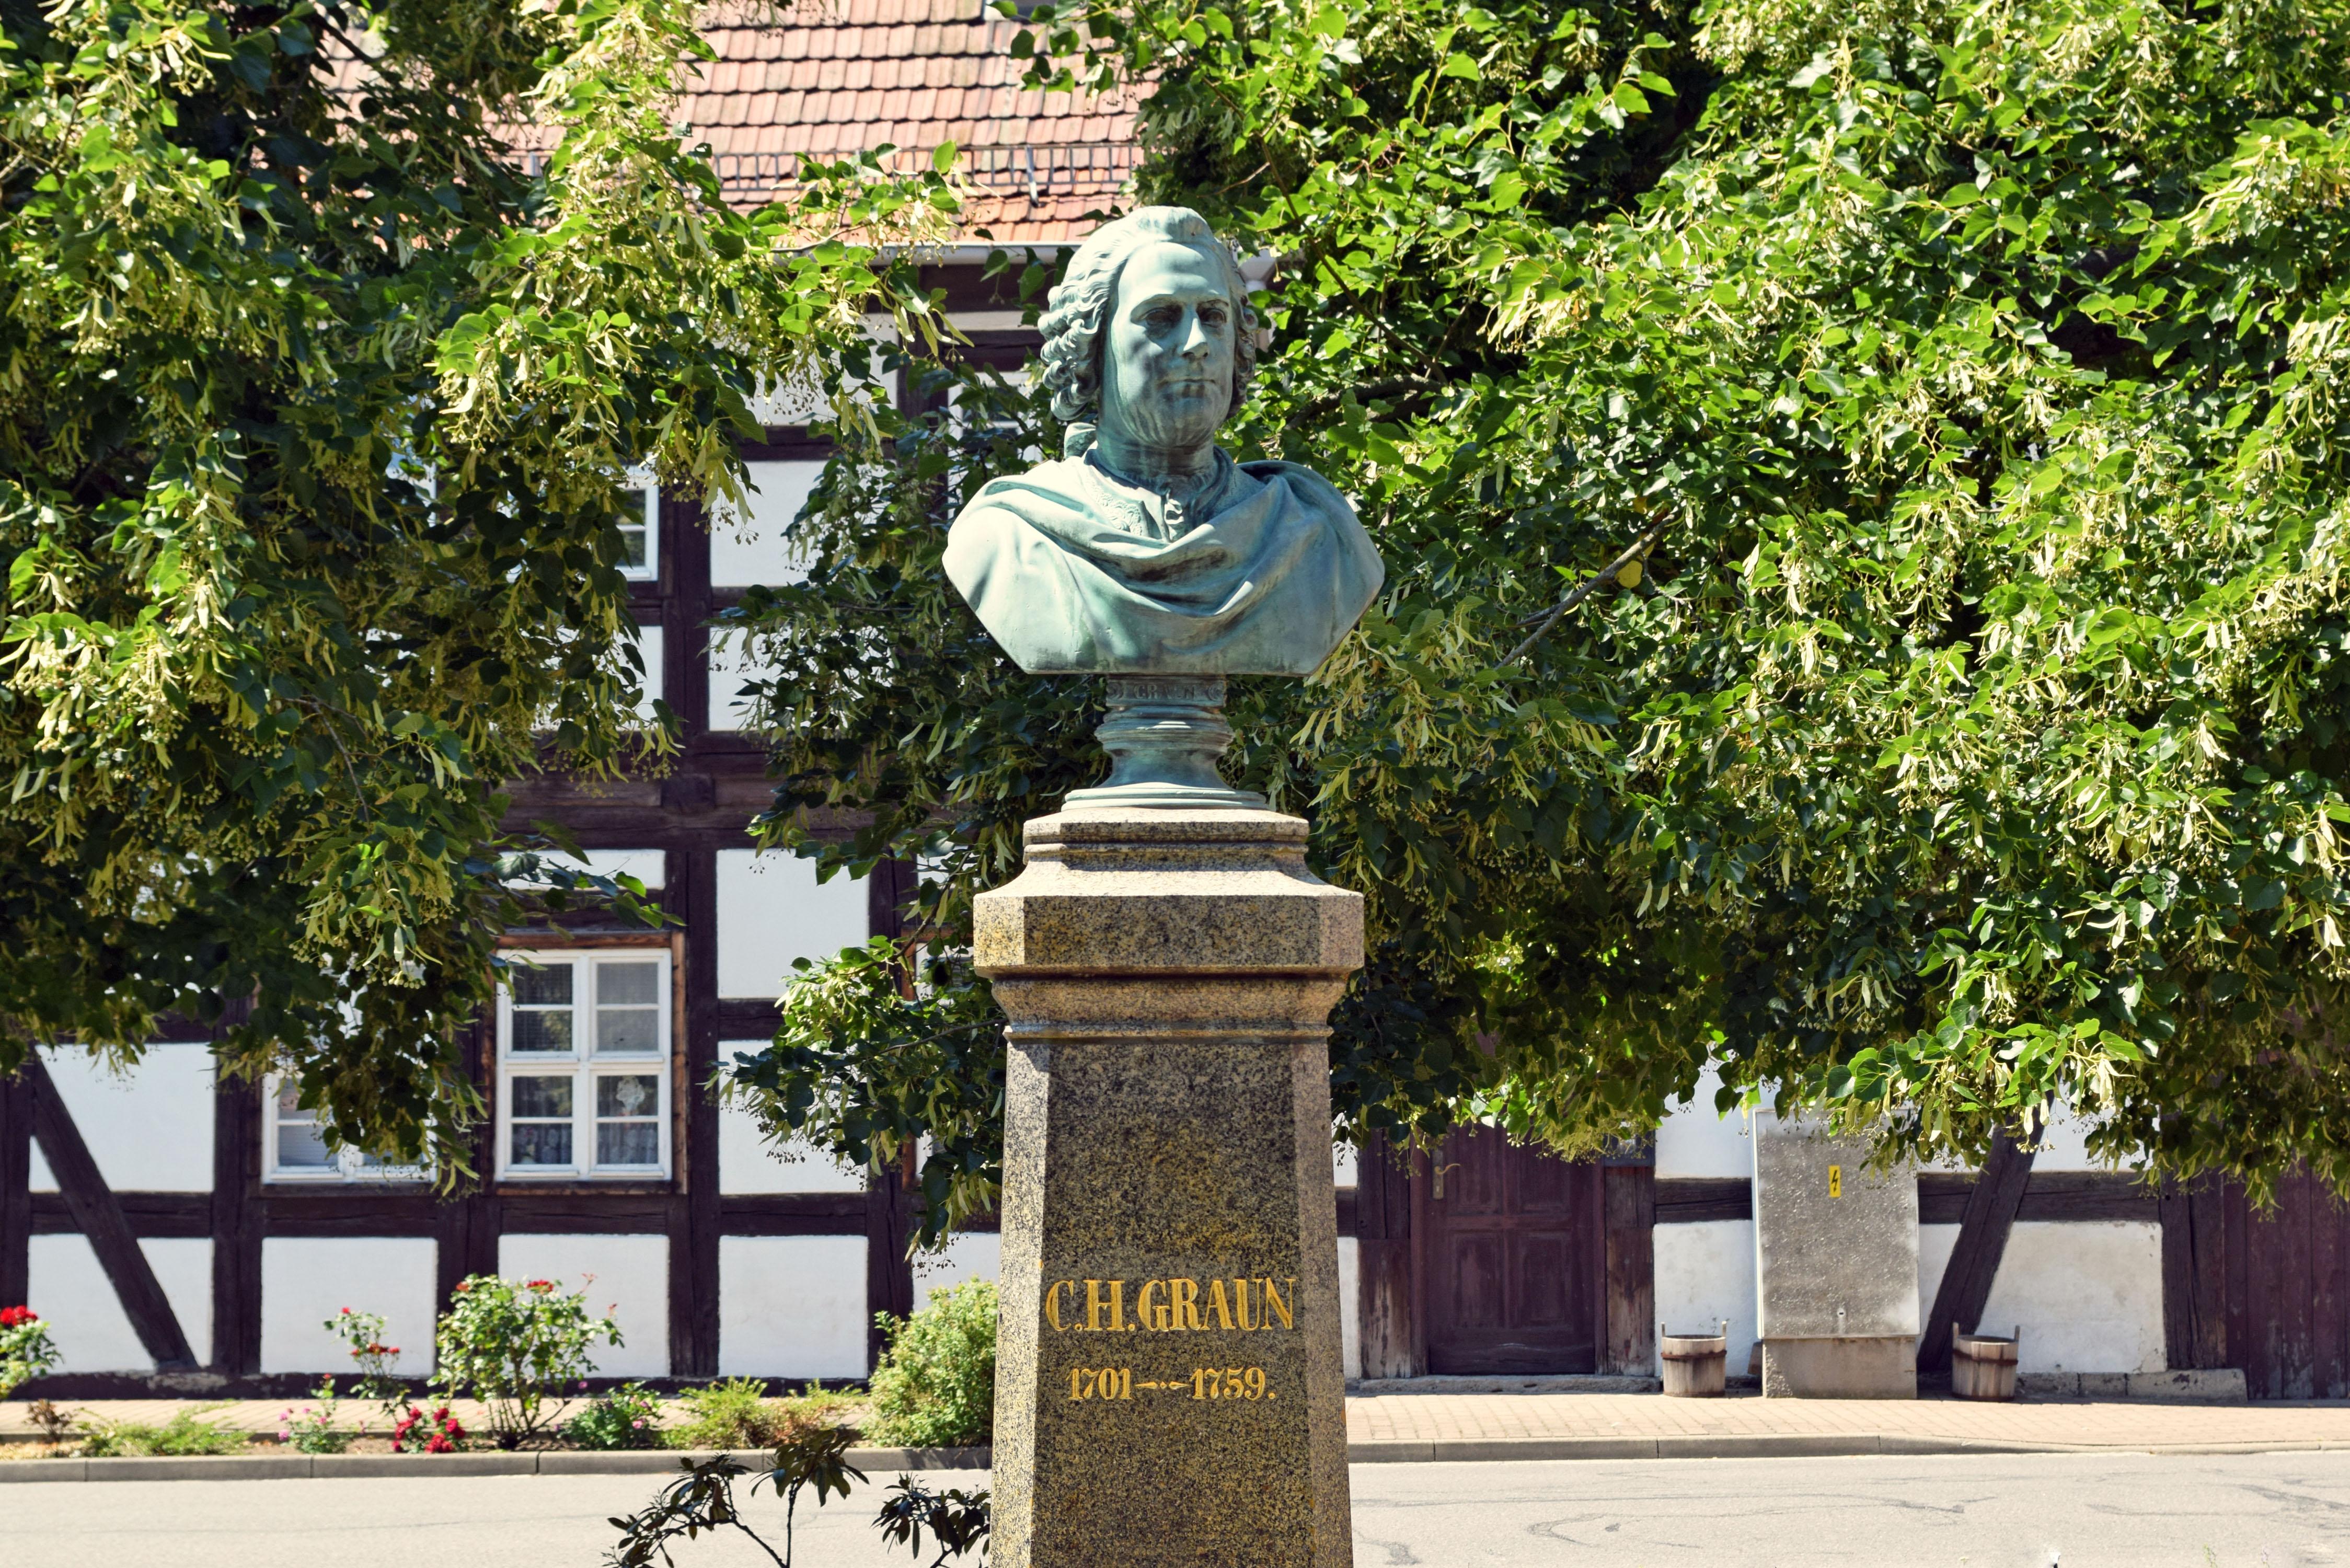 Denkmal für Carl Heinrich Graun in Wahrenbrück, besucht bei einer Motorradtour zu Architektur und Musik in Brandenburg